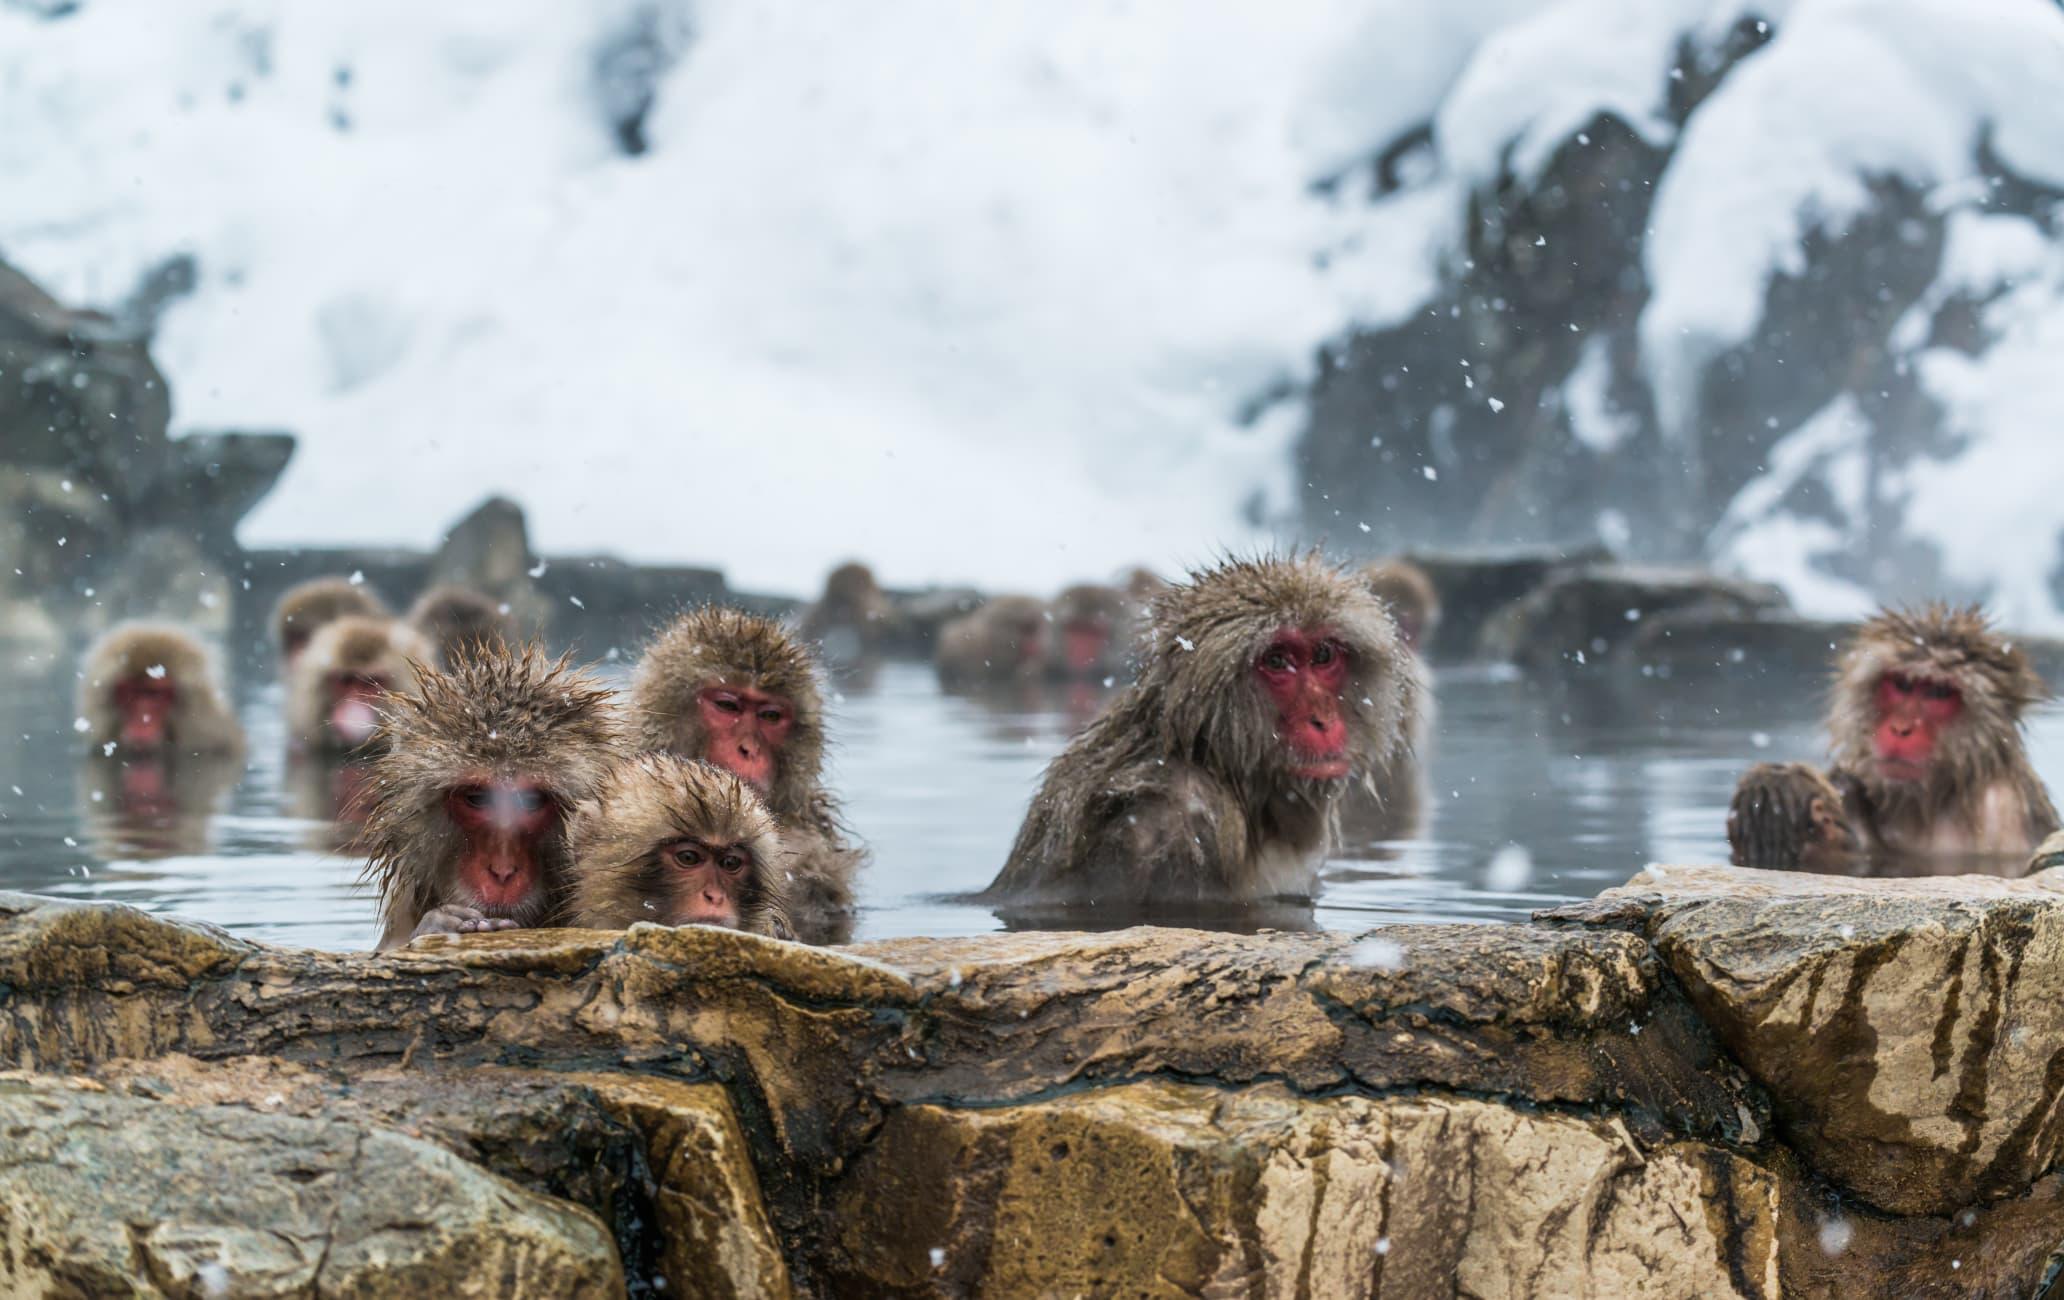 Парк снежных обезьян Дзигокудани